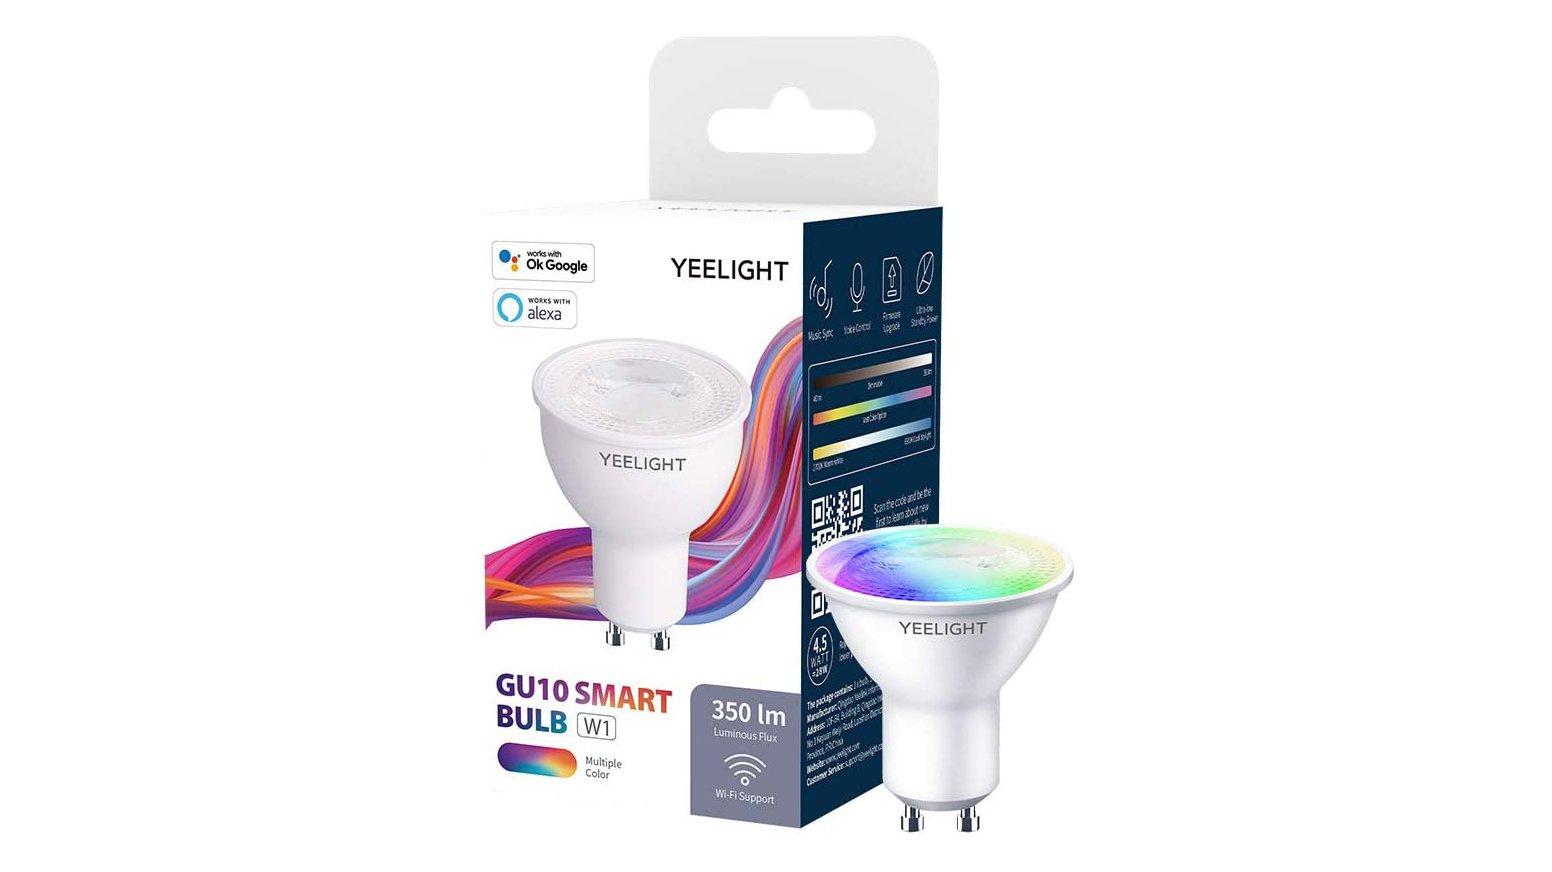 L'ampoule connectée Yeelight GU10 est en promotion sur Aliexpress.